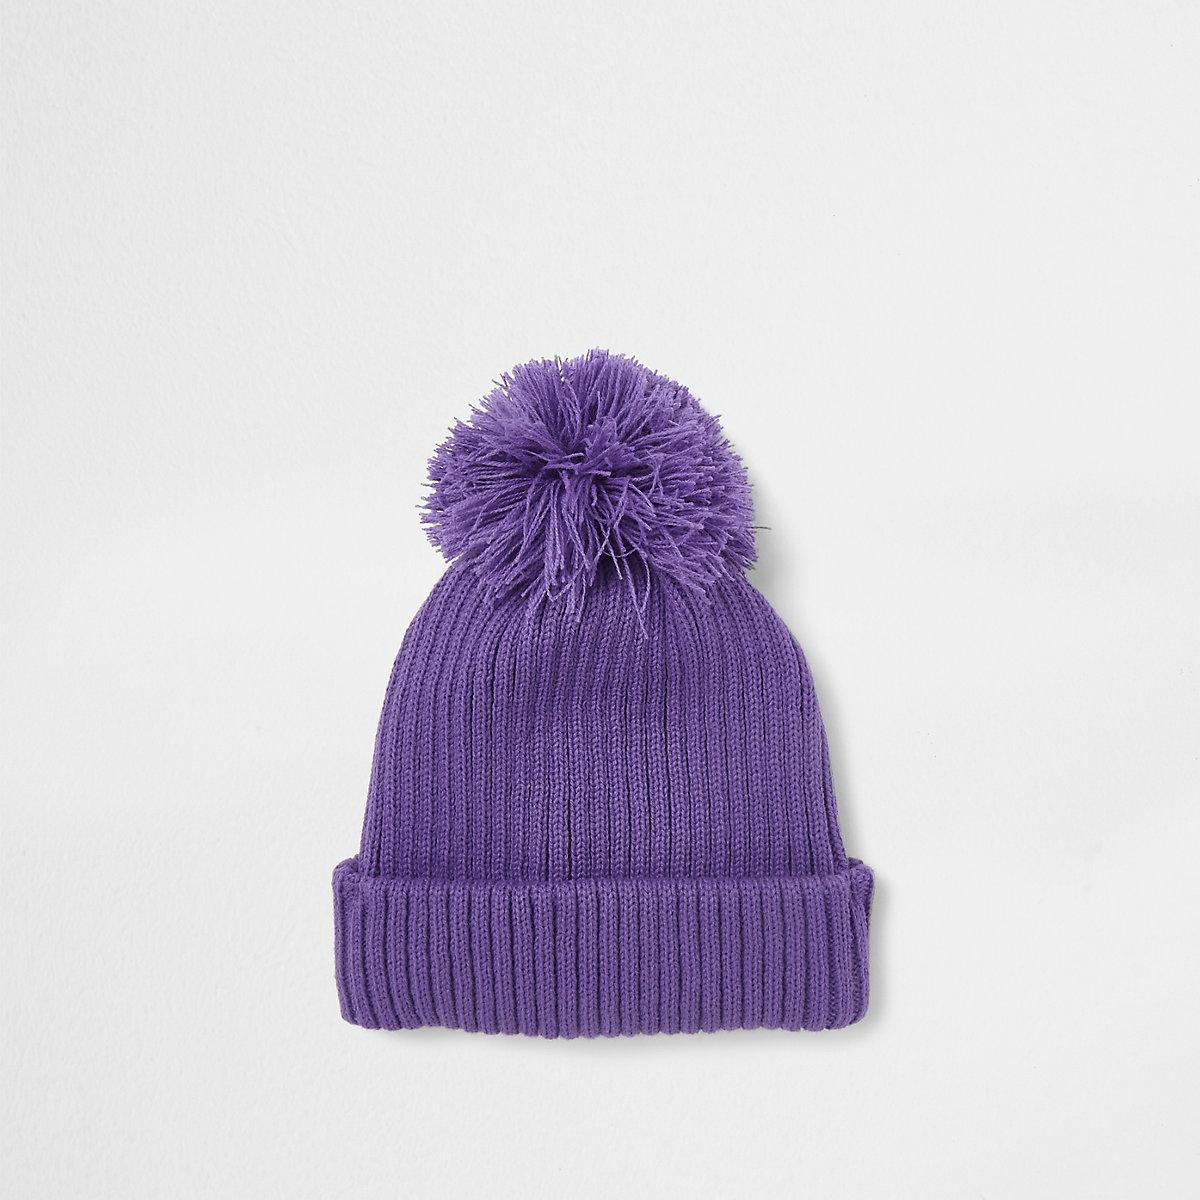 Purple bobble pom pom beanie hat